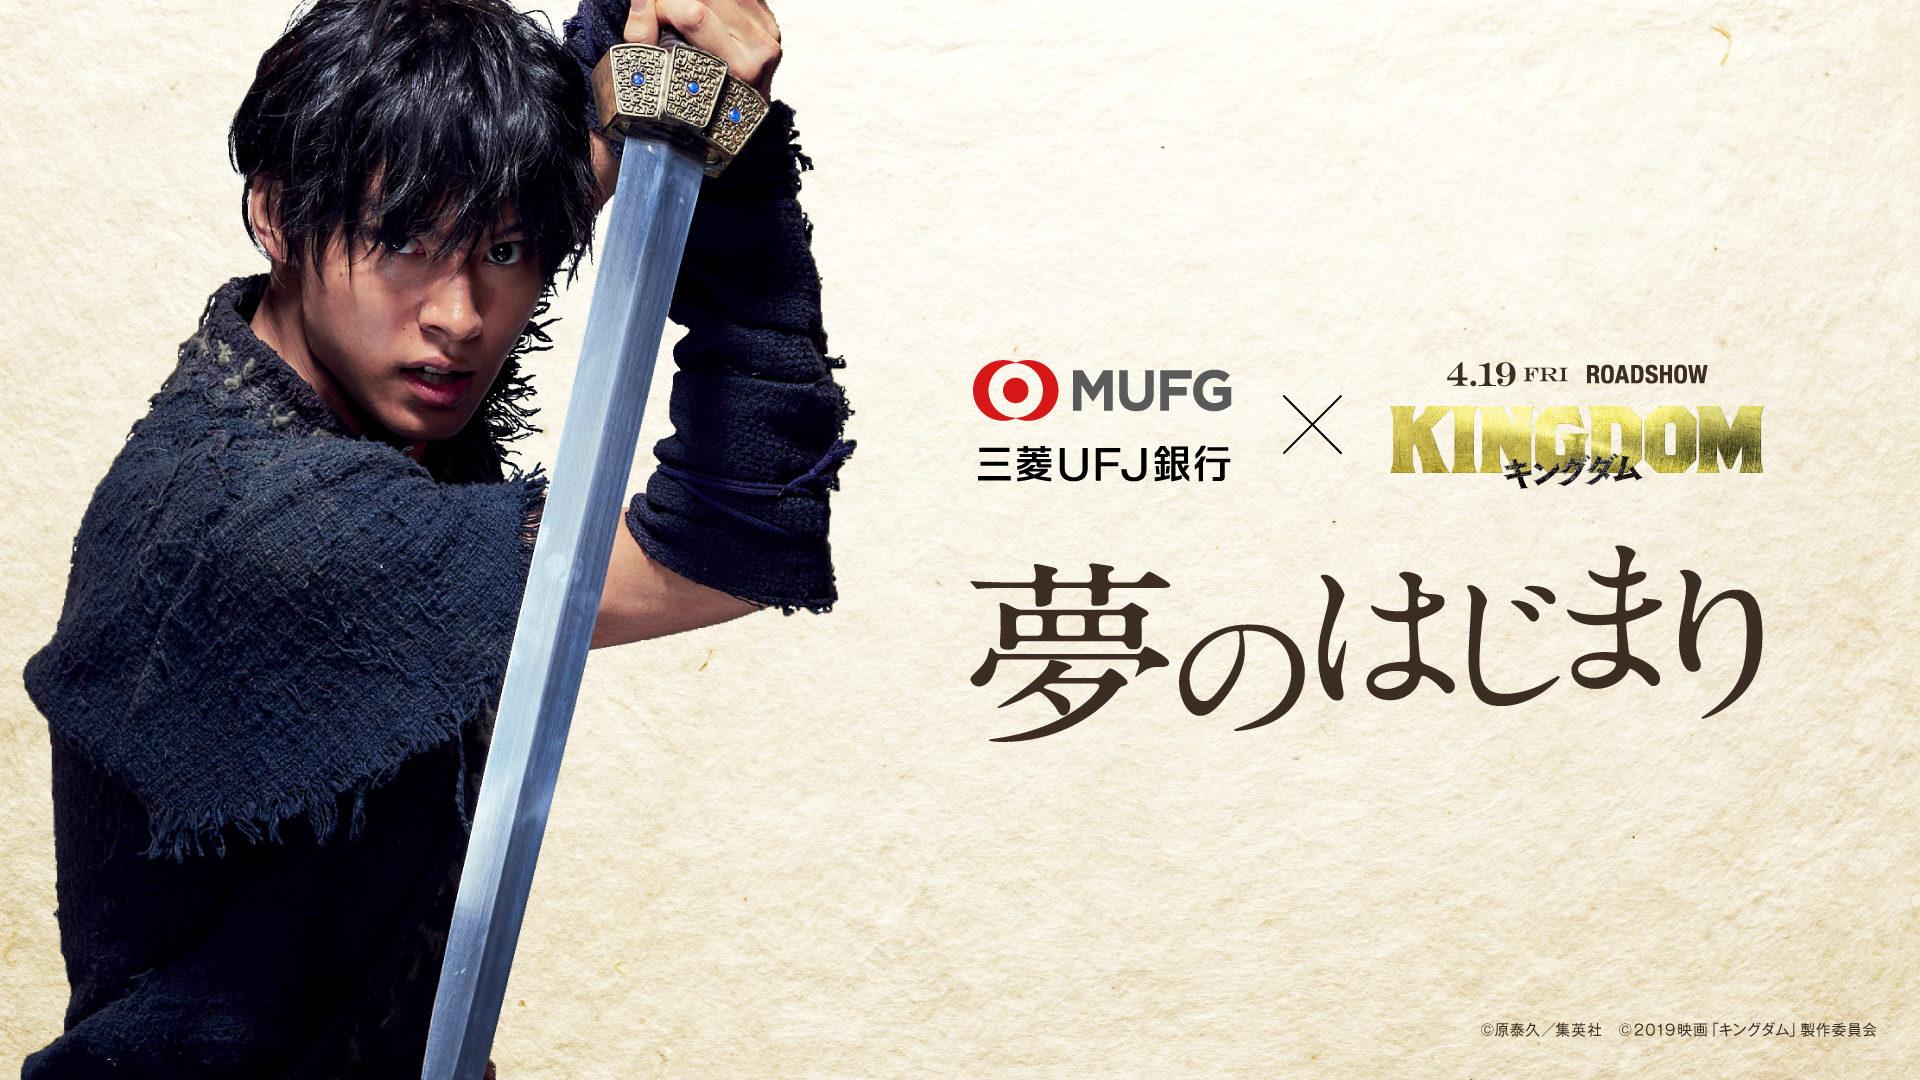 MUFG × キングダム